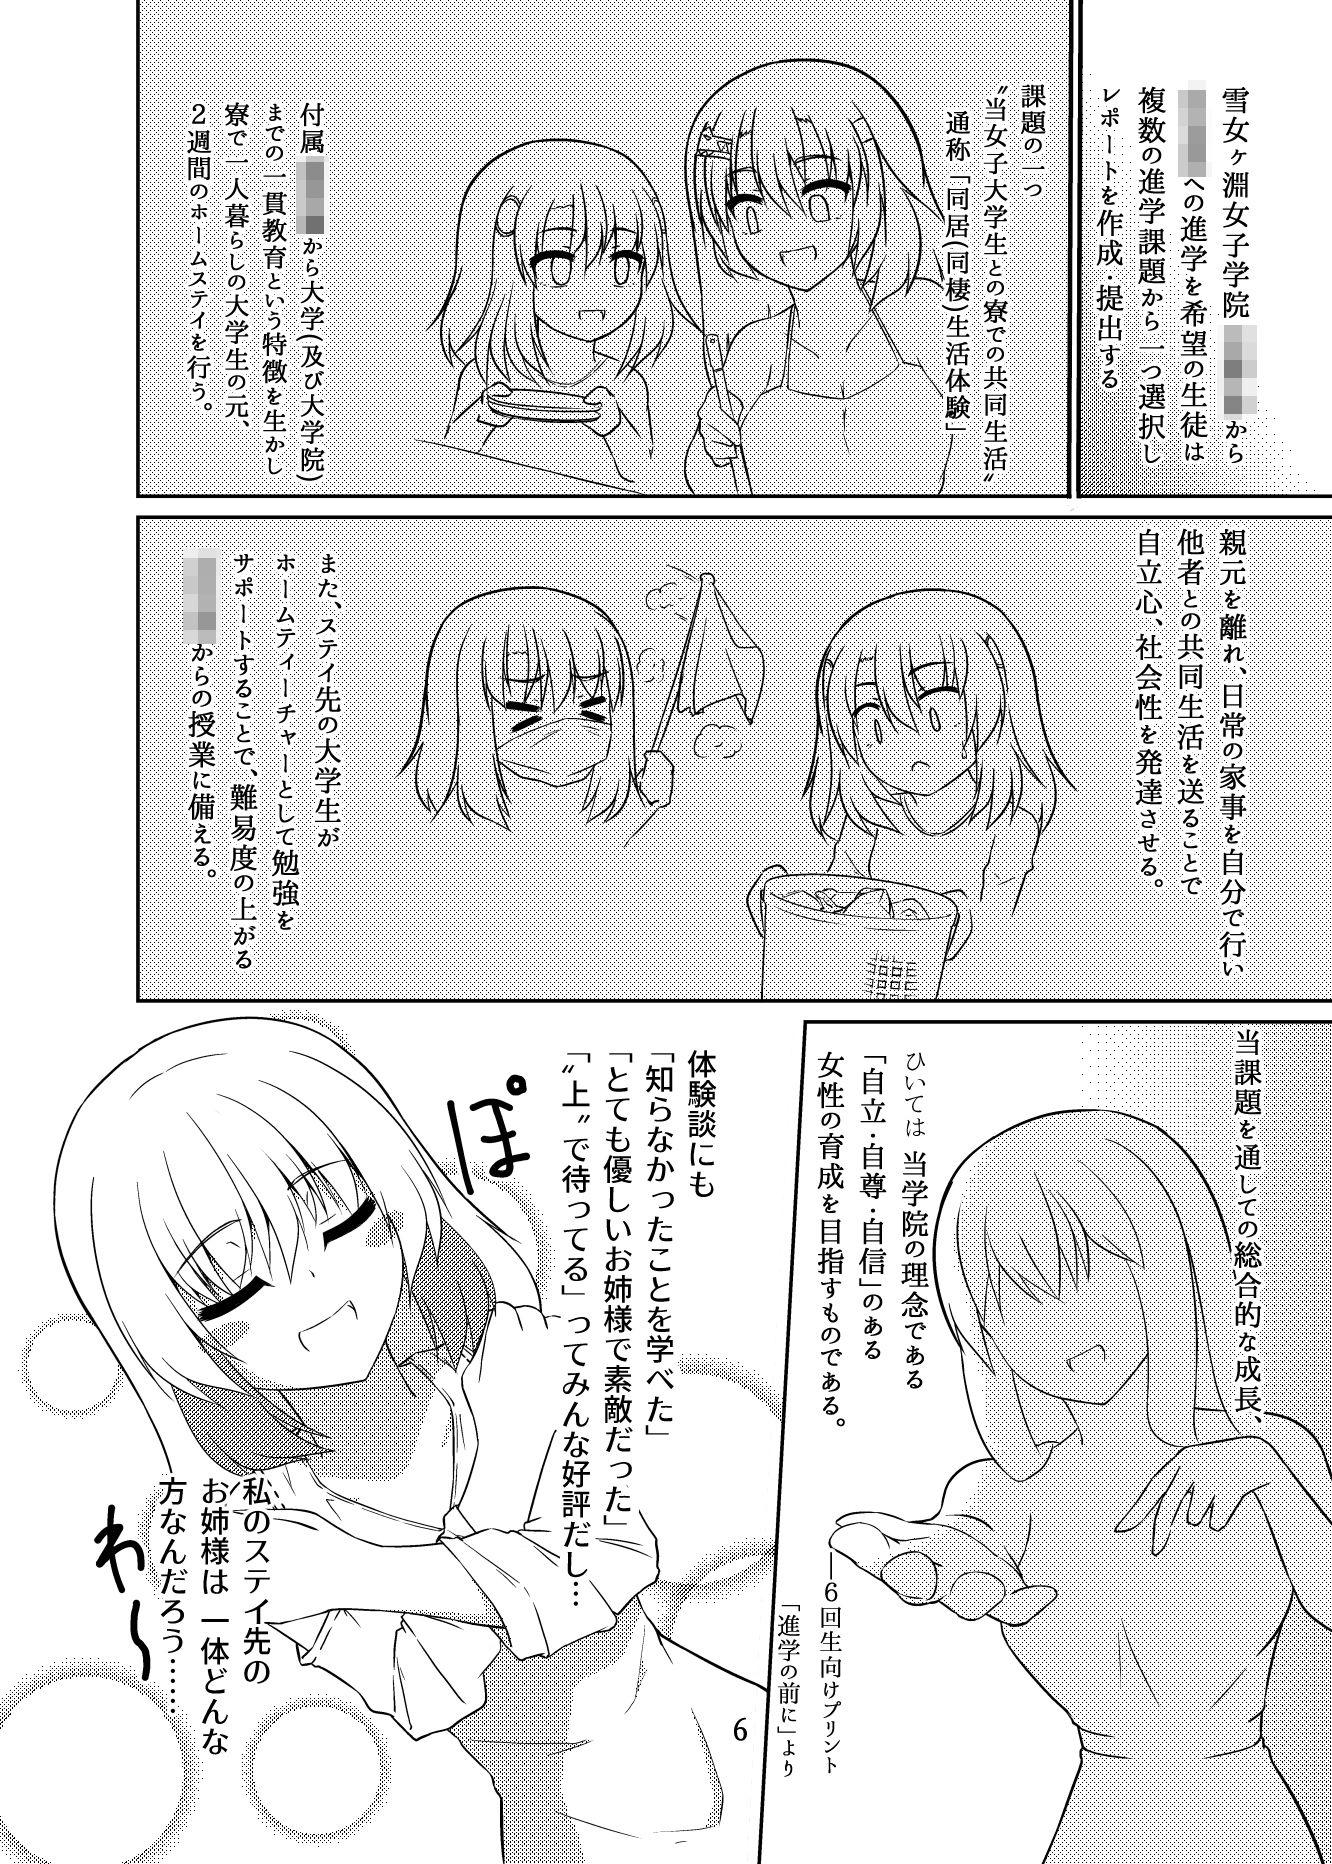 ドウセイ!ちゅーねん お手洗い→おふろ編